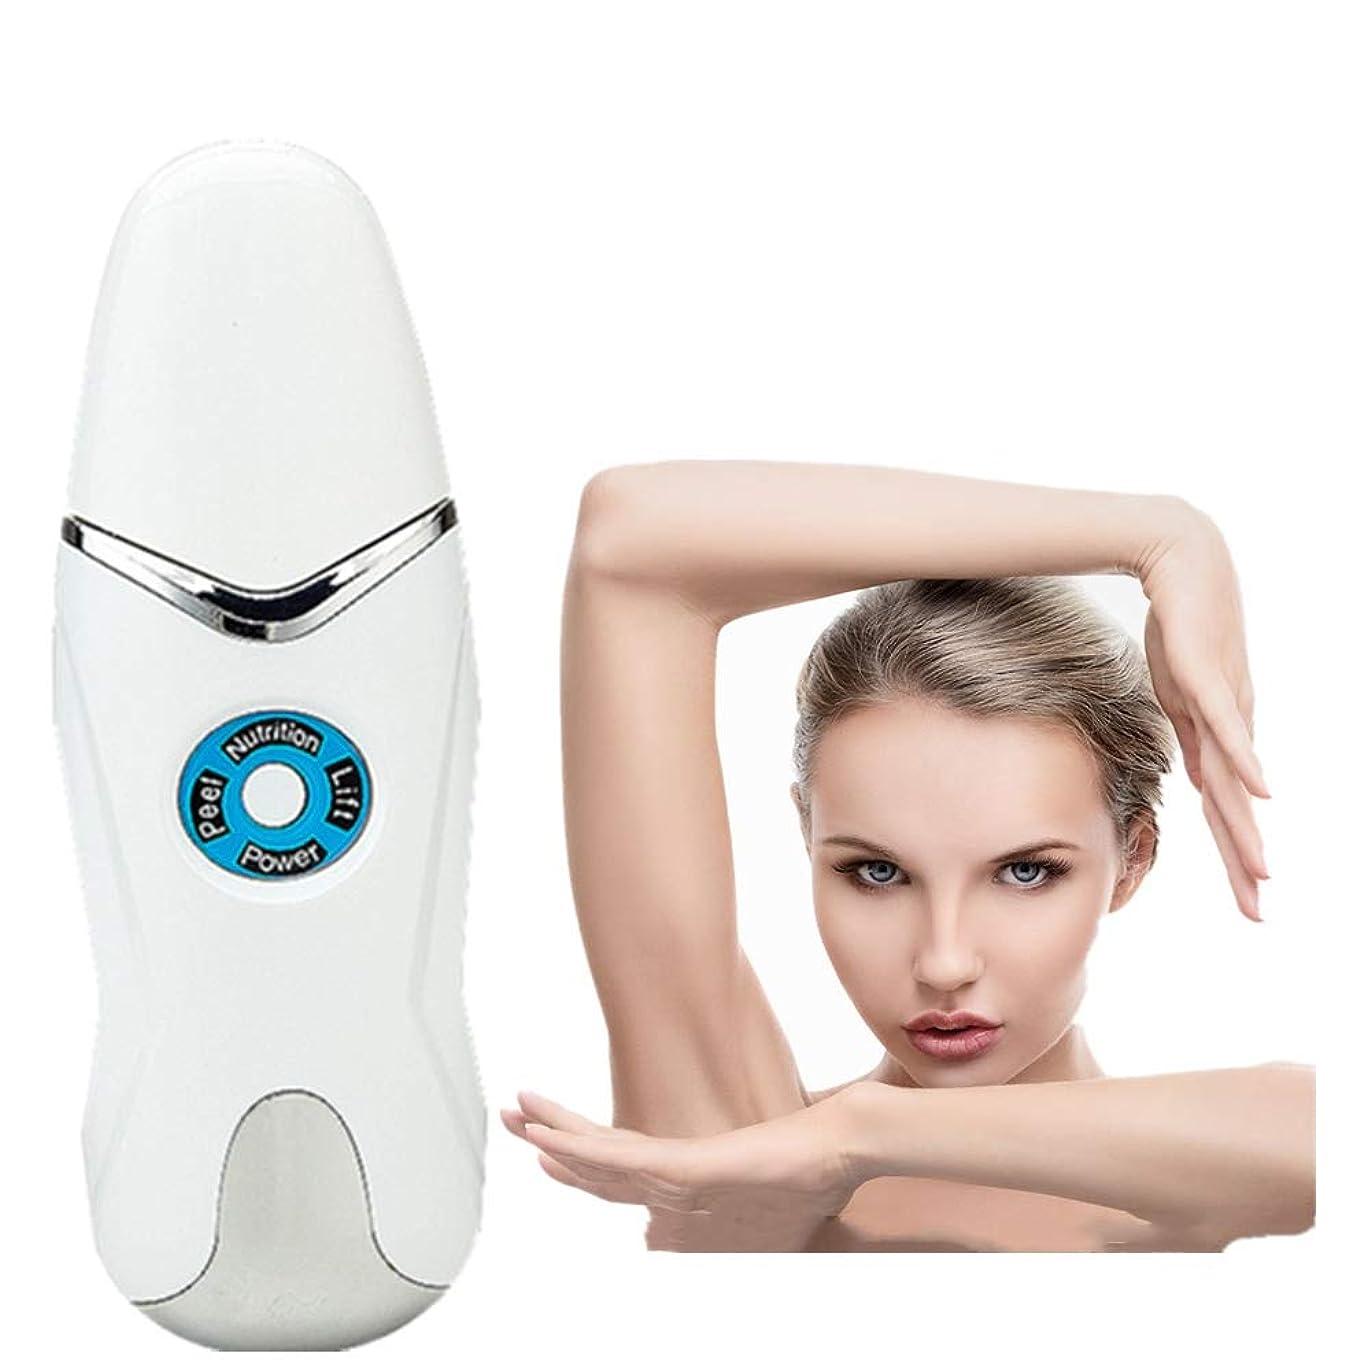 真剣に政府効率的顔の皮膚スクラバーブラックヘッドリムーバー毛穴充電式スキンスクラバー光子の若返り美容皮膚クリーナーUSB充電式美容ツールEMSクリーニングイオン導入モードホワイト